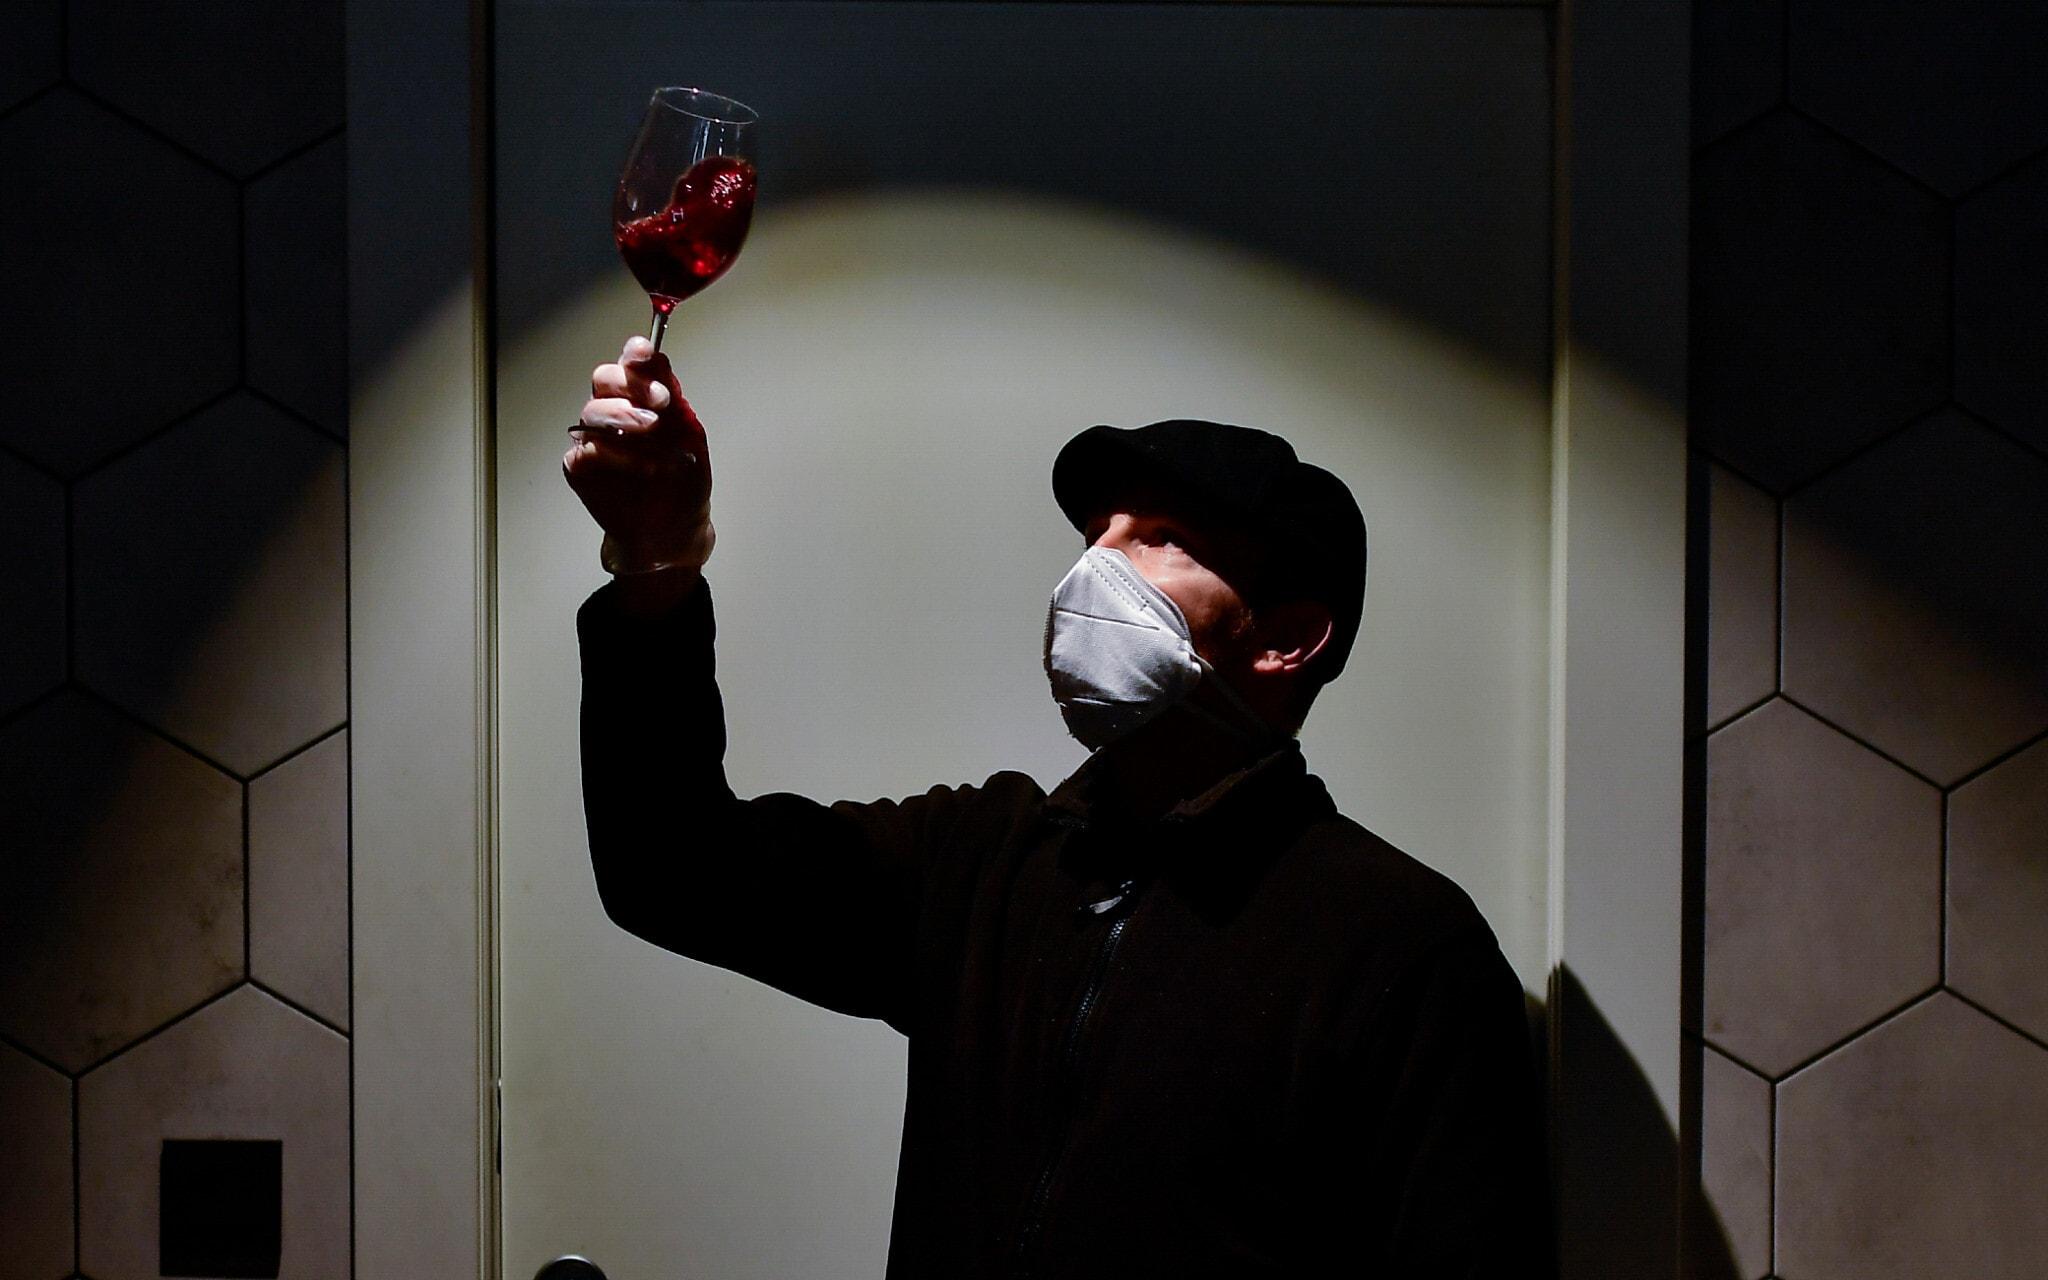 אילוסטרציה, בעלים של חנות יין בספרד בעידן הקורונה (צילום: AP Photo/Alvaro Barrientos)